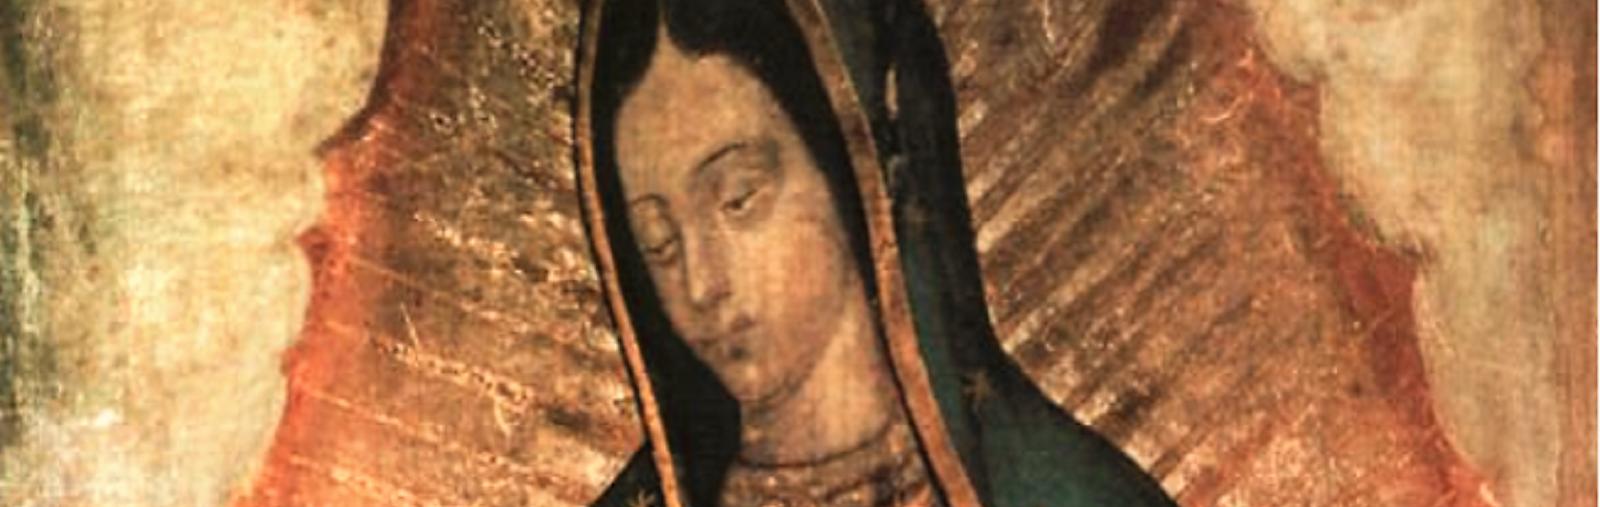 Día de Nuestra Señora de Guadalupe